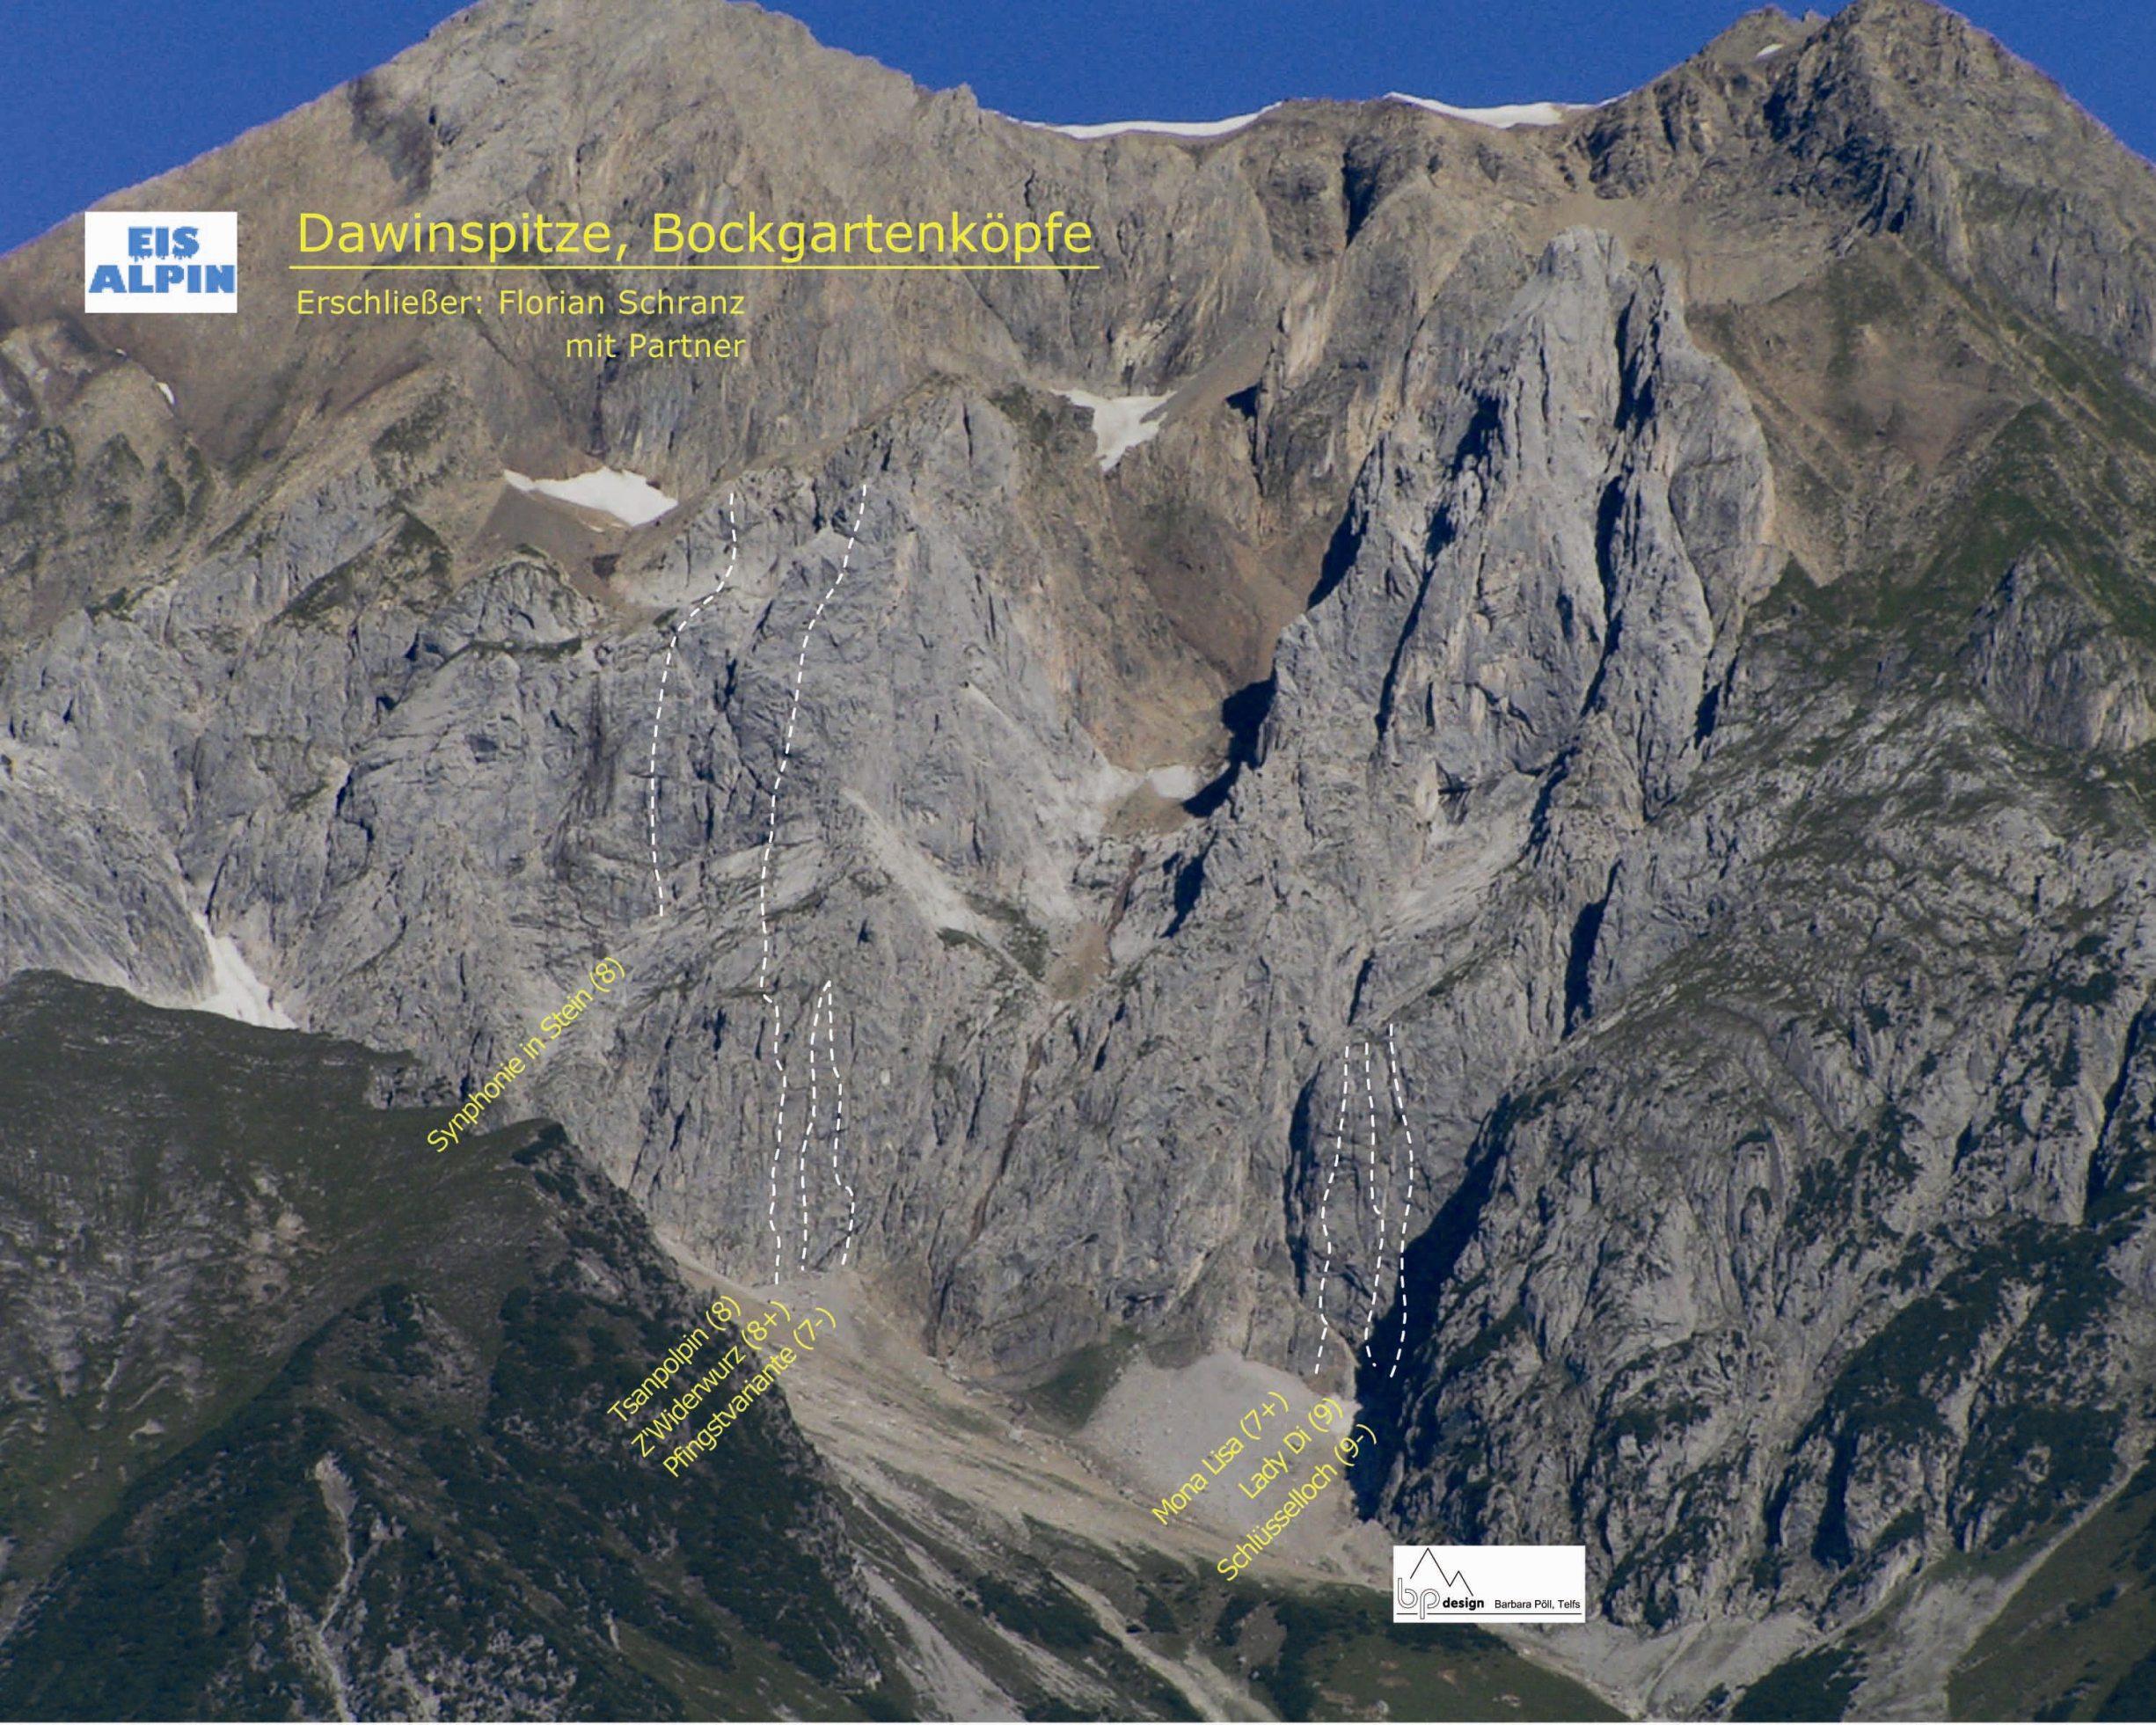 Die sieben Routen an der Dawinspitze. Foto: Barbara Pöll